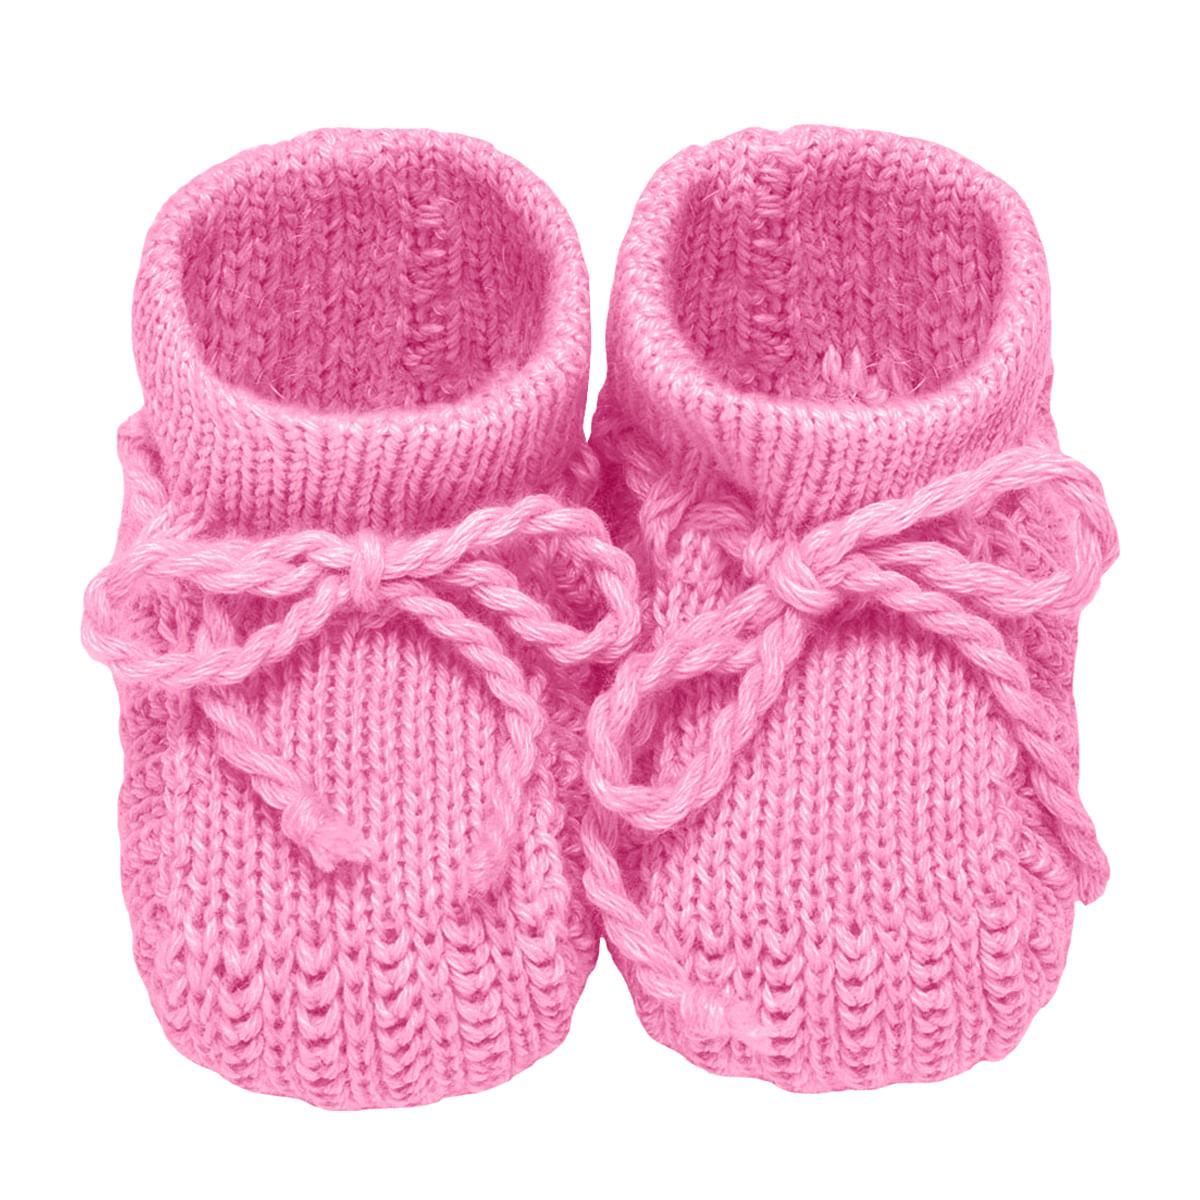 f0acfa91a Sapatinho para bebê em tricot Rosa - Roana no bebefacil loja de roupas  enxoval e acessorios para bebes - bebefacil